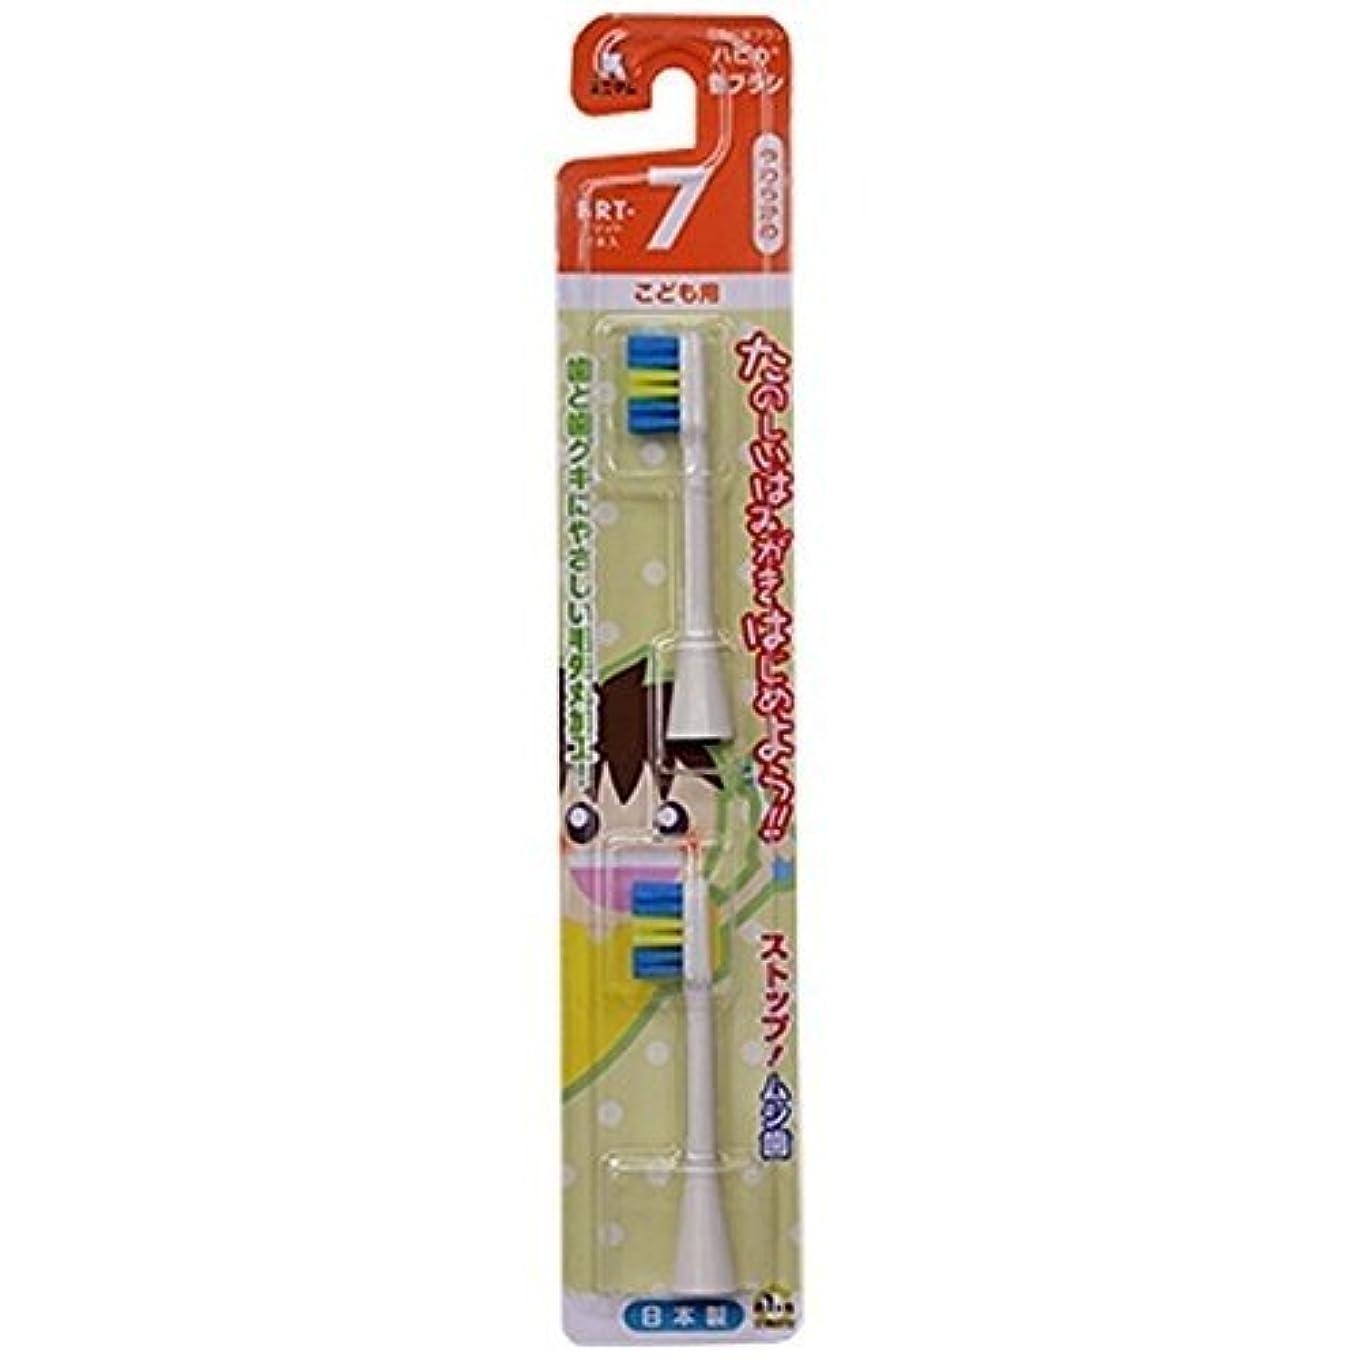 お酢キリスト粒子ミニマム 電動付歯ブラシ ハピカ 専用替ブラシ こども用 毛の硬さ:やわらかめ BRT-7 2個入